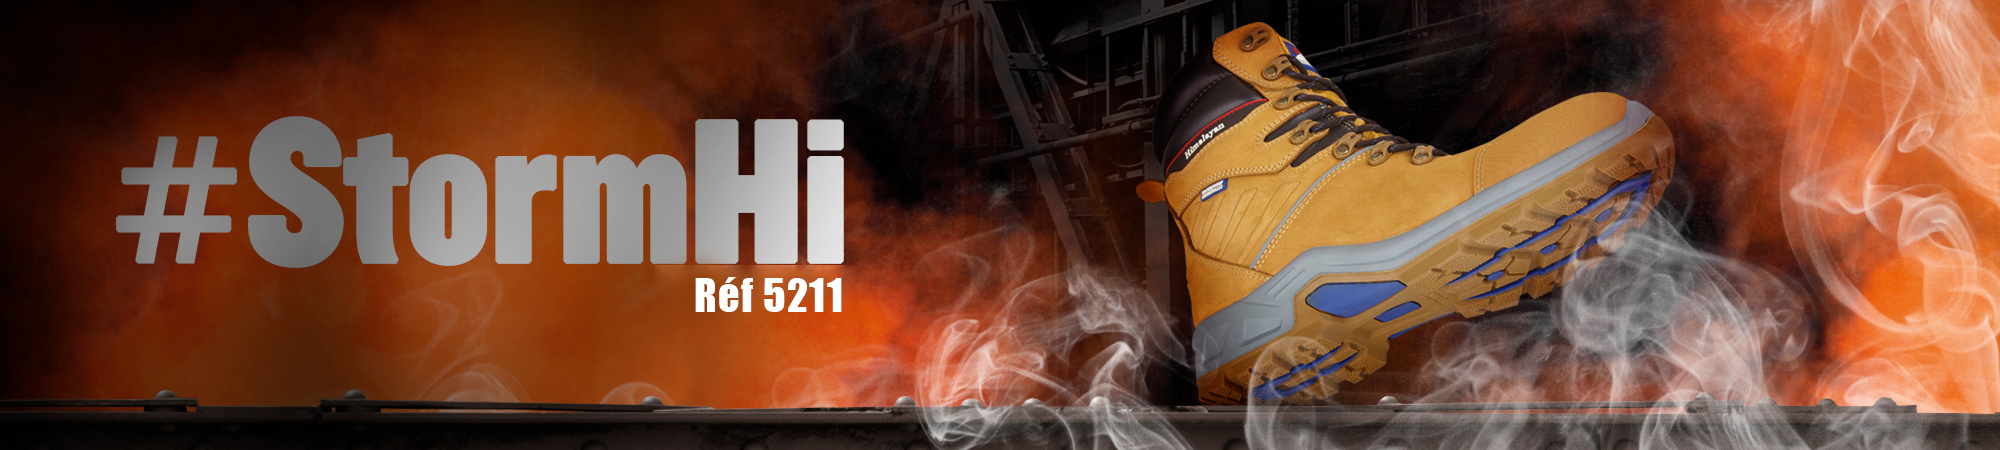 StormHi 5210 Video now online